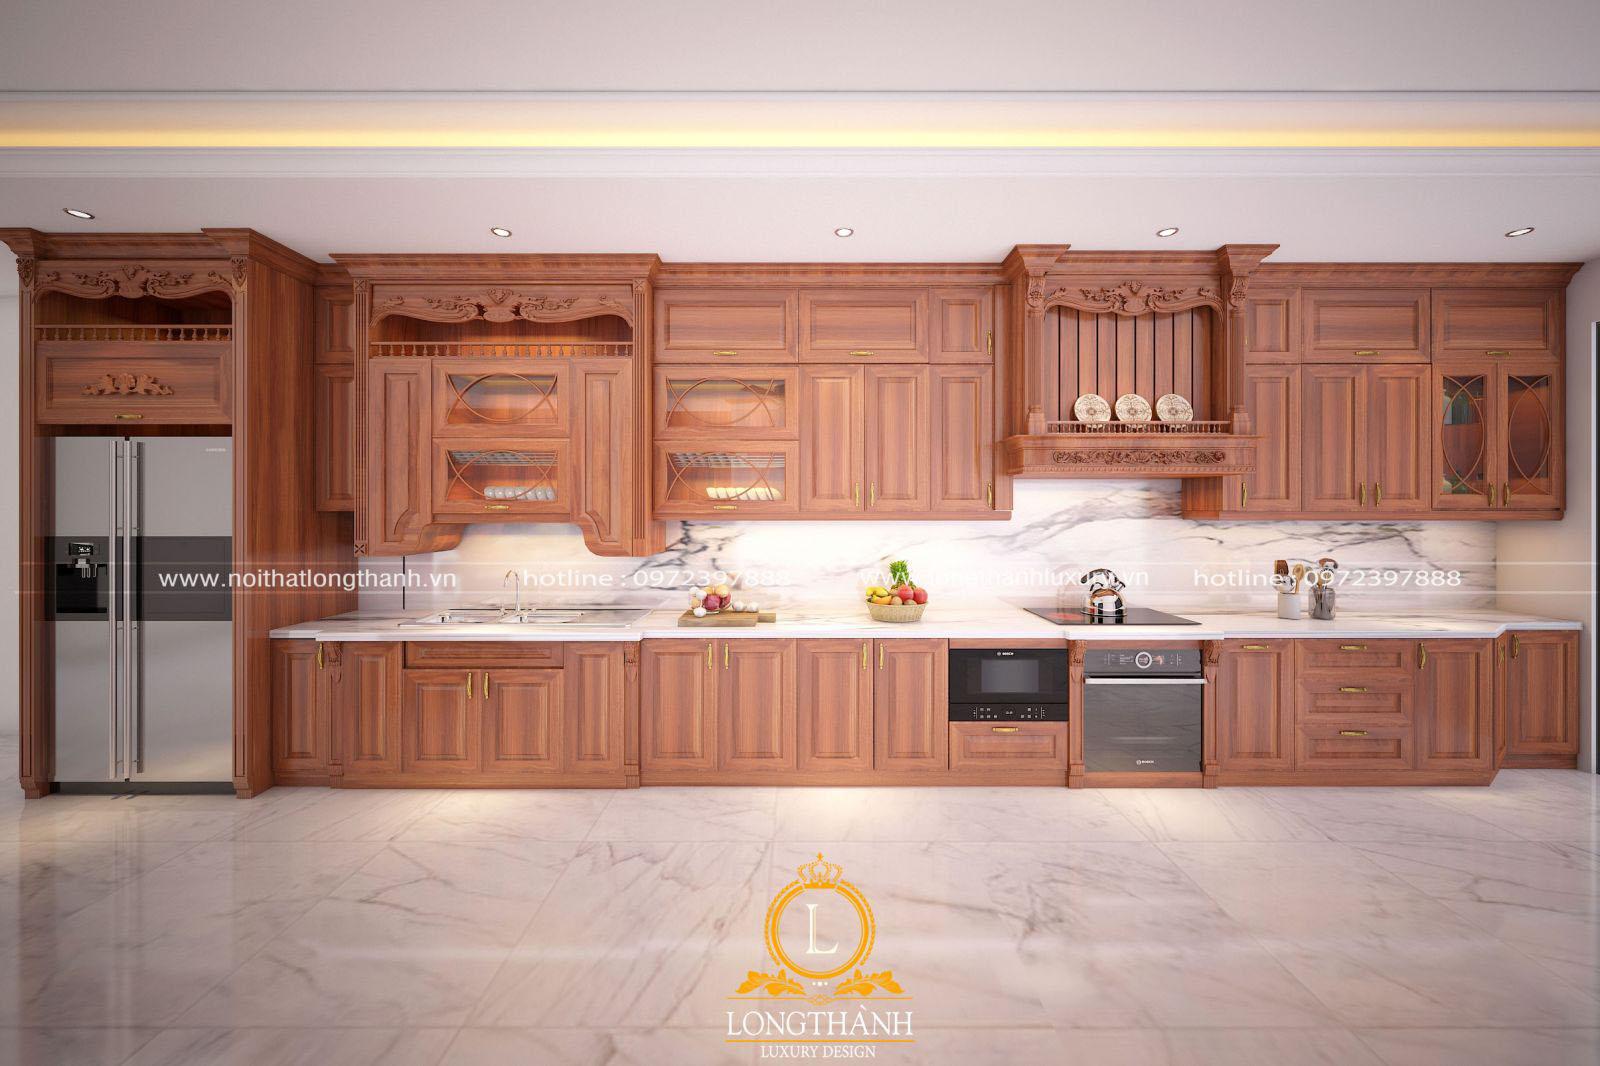 Tủ bếp gỗ Gõ mang đến vẻ đẹp sang trọng, ấn tượng